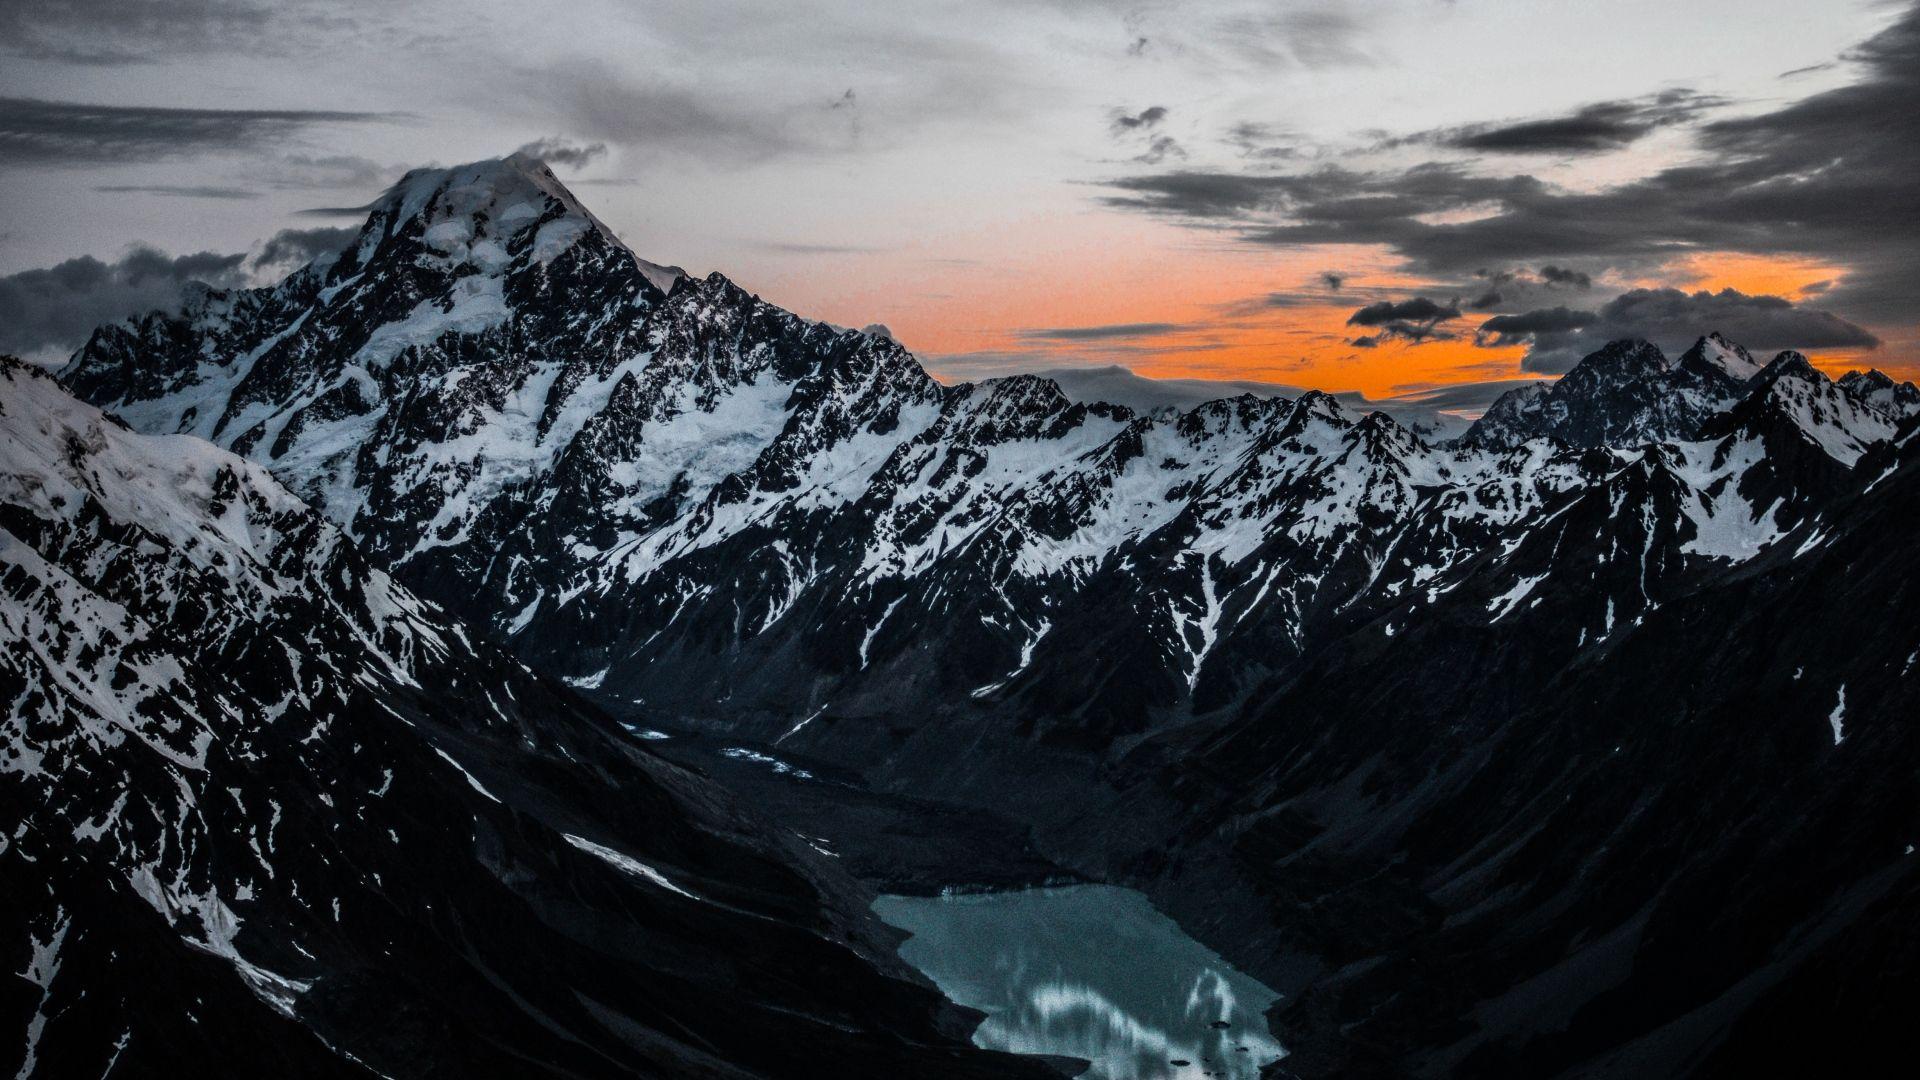 1920x1080 Wallpaper Mountains Lake Tops Top View Nature Desktop Wallpaper Mountain Wallpaper View Wallpaper